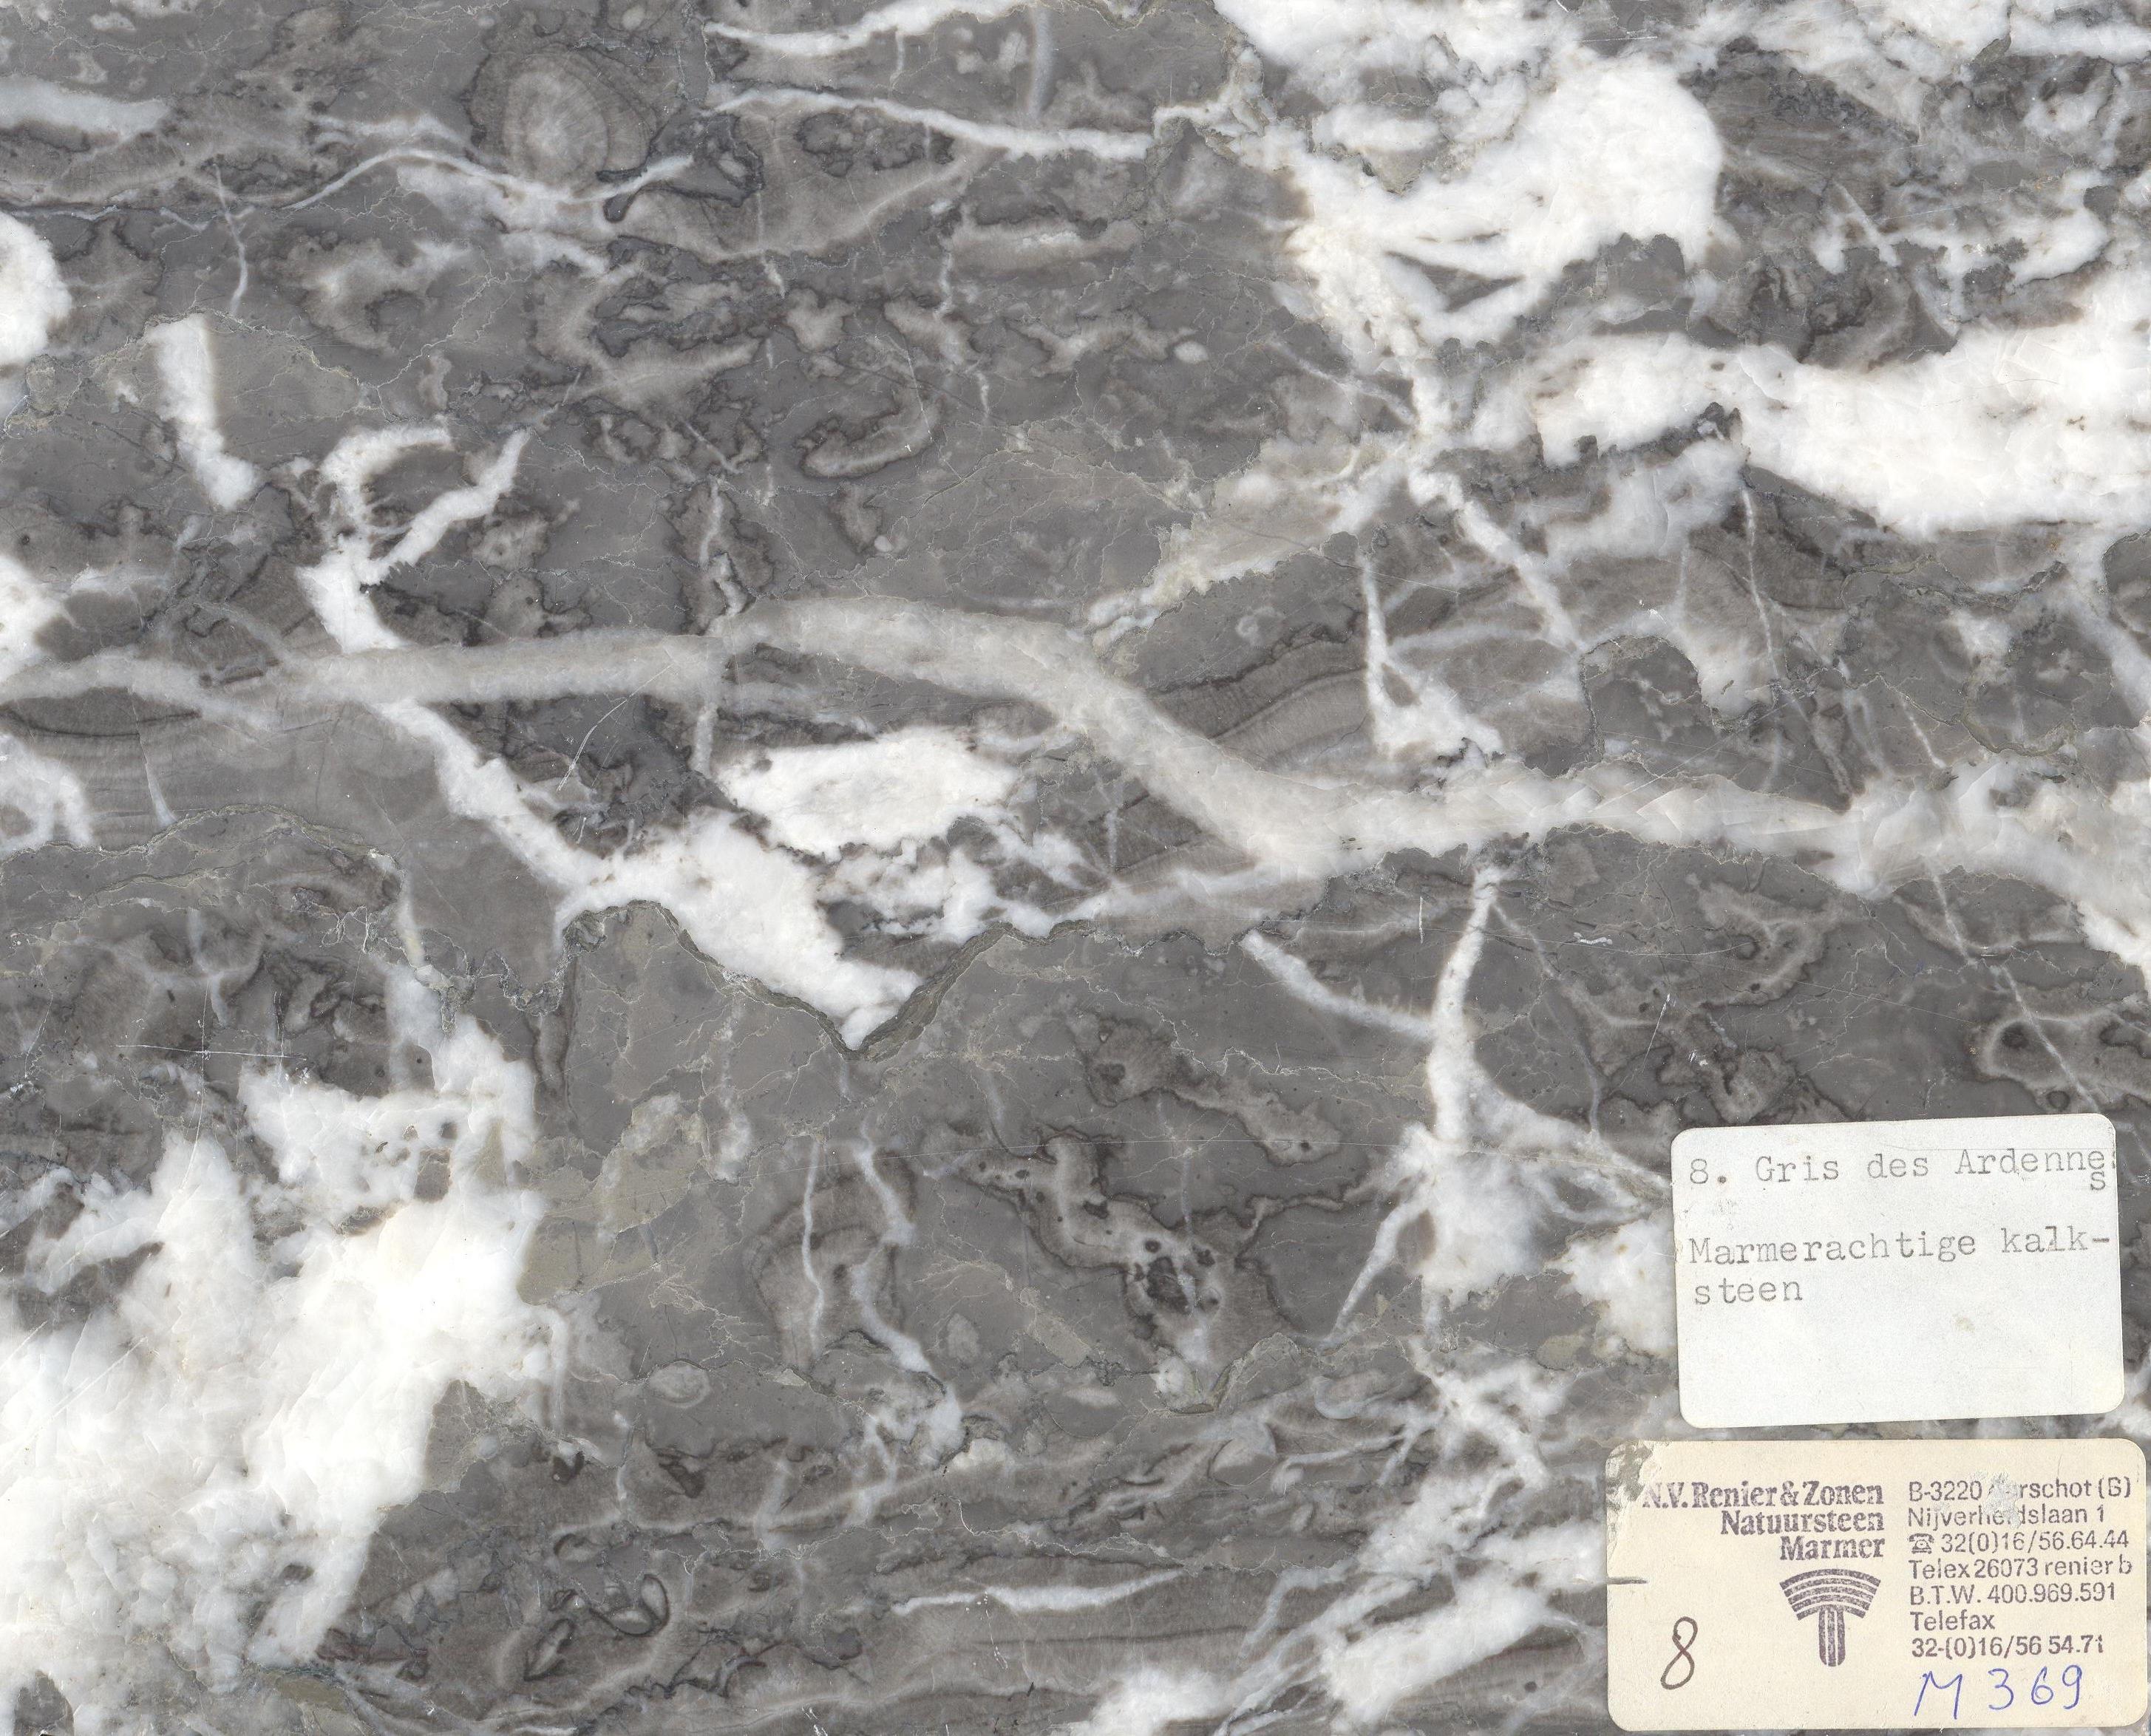 Gris des Ardennes M369